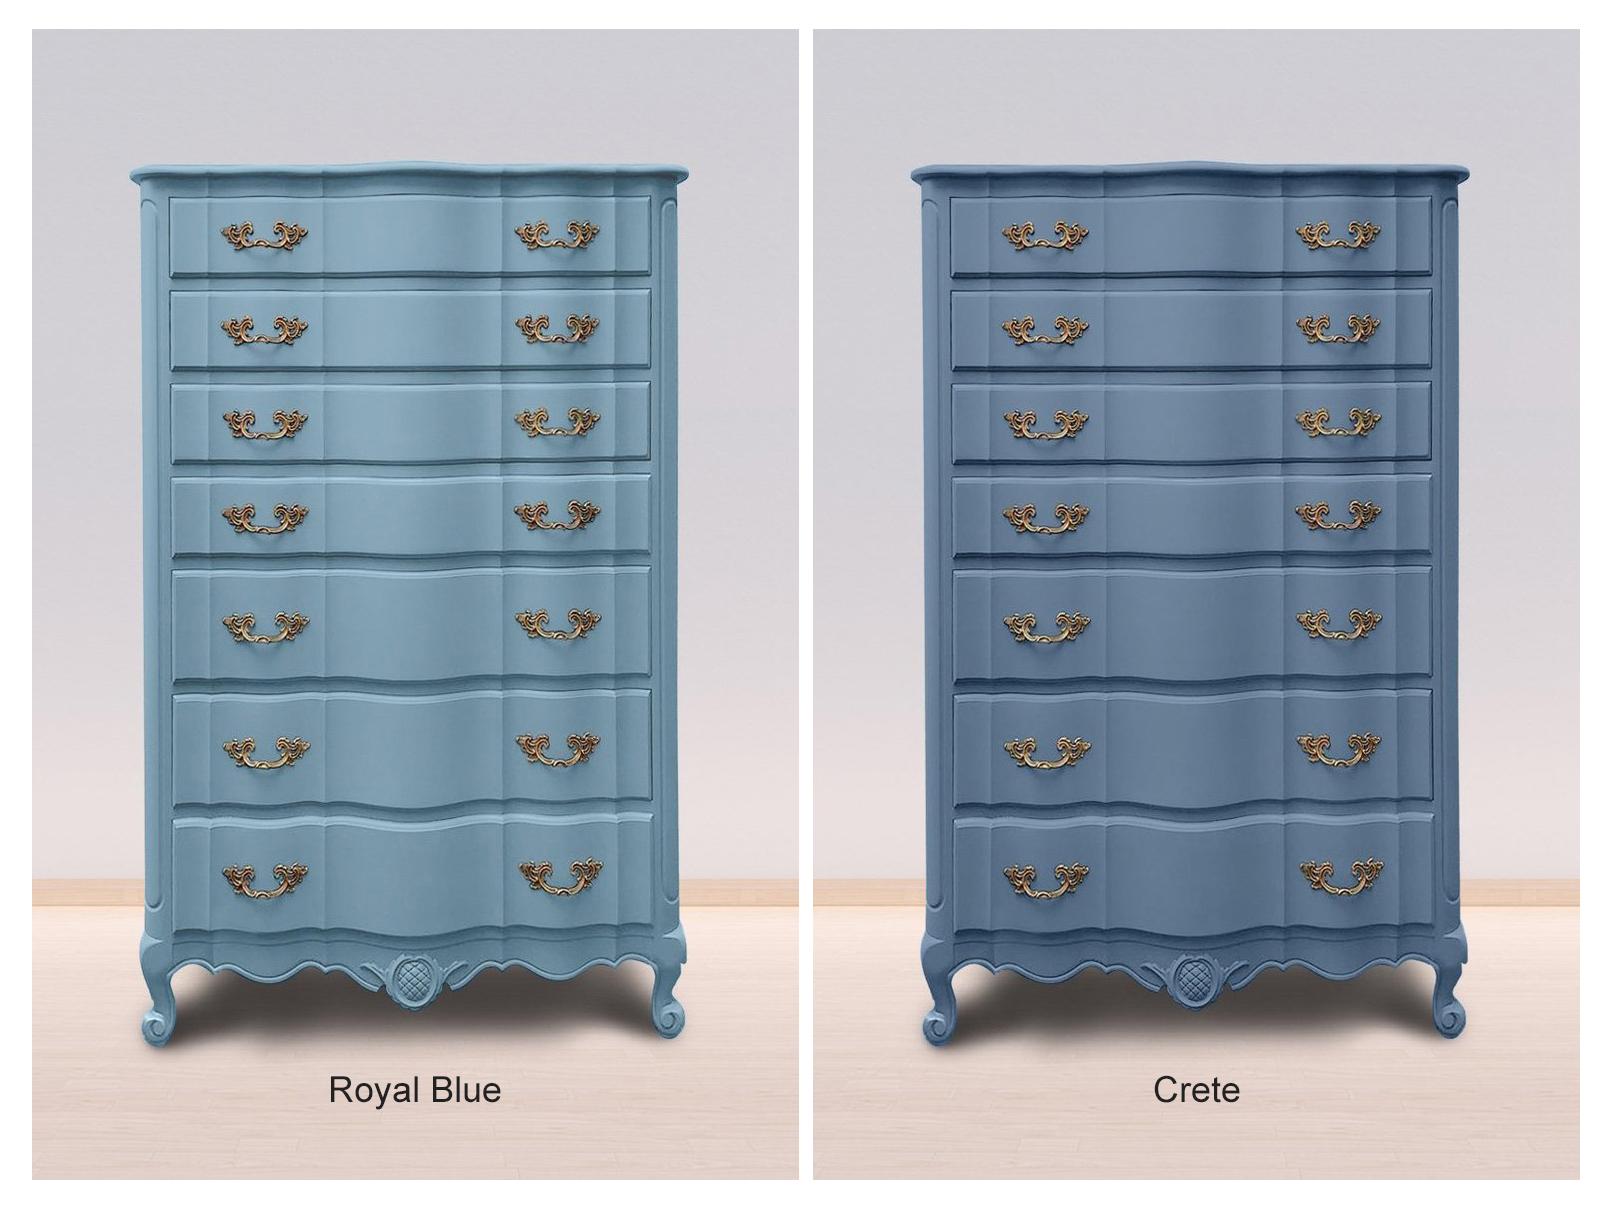 Royal Blue & Crete